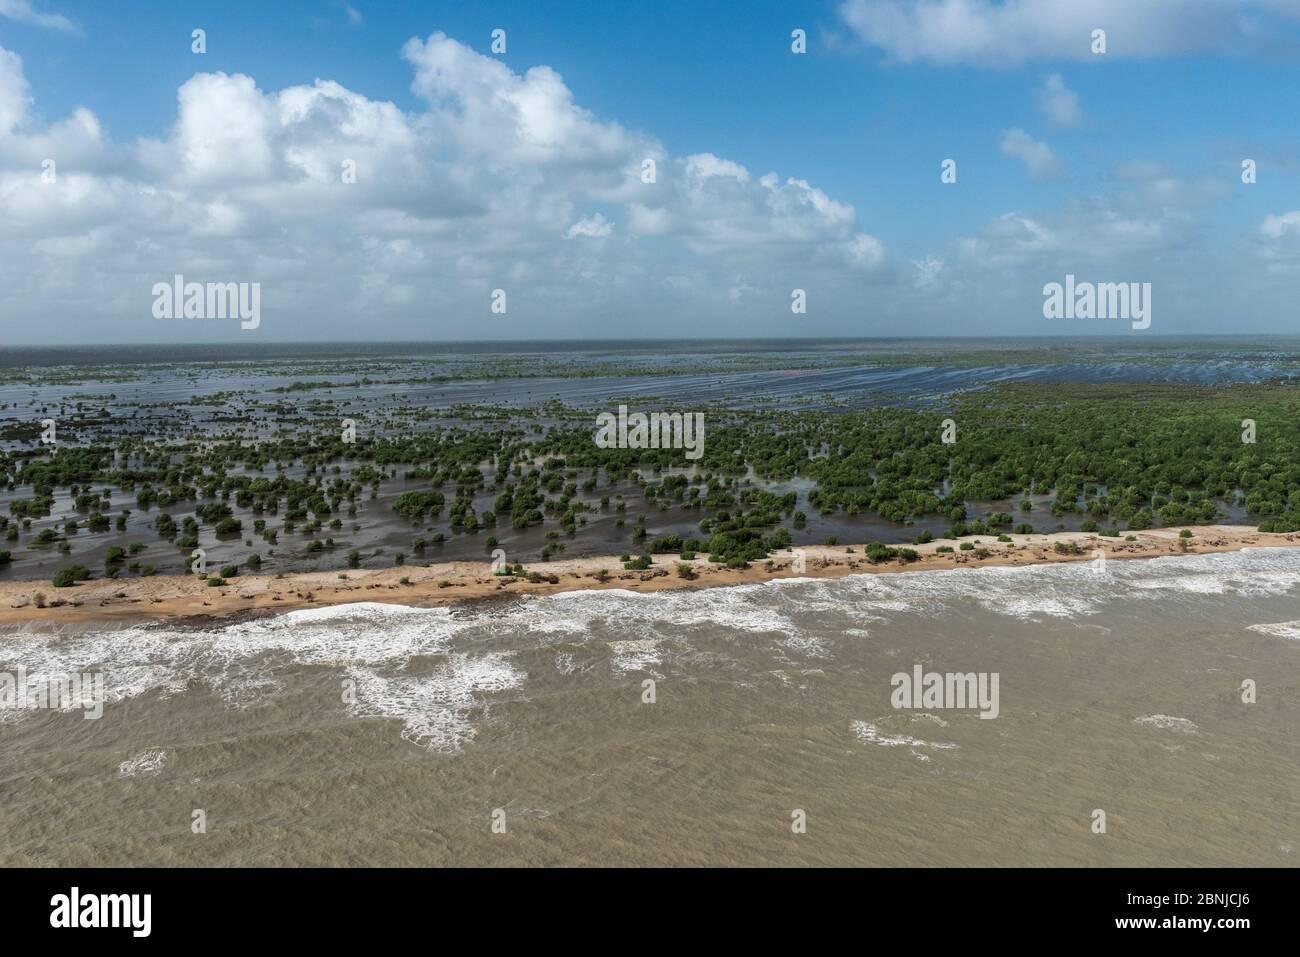 Vista aérea de la playa de Shell, en el norte de Guyana, Sudamérica Foto de stock